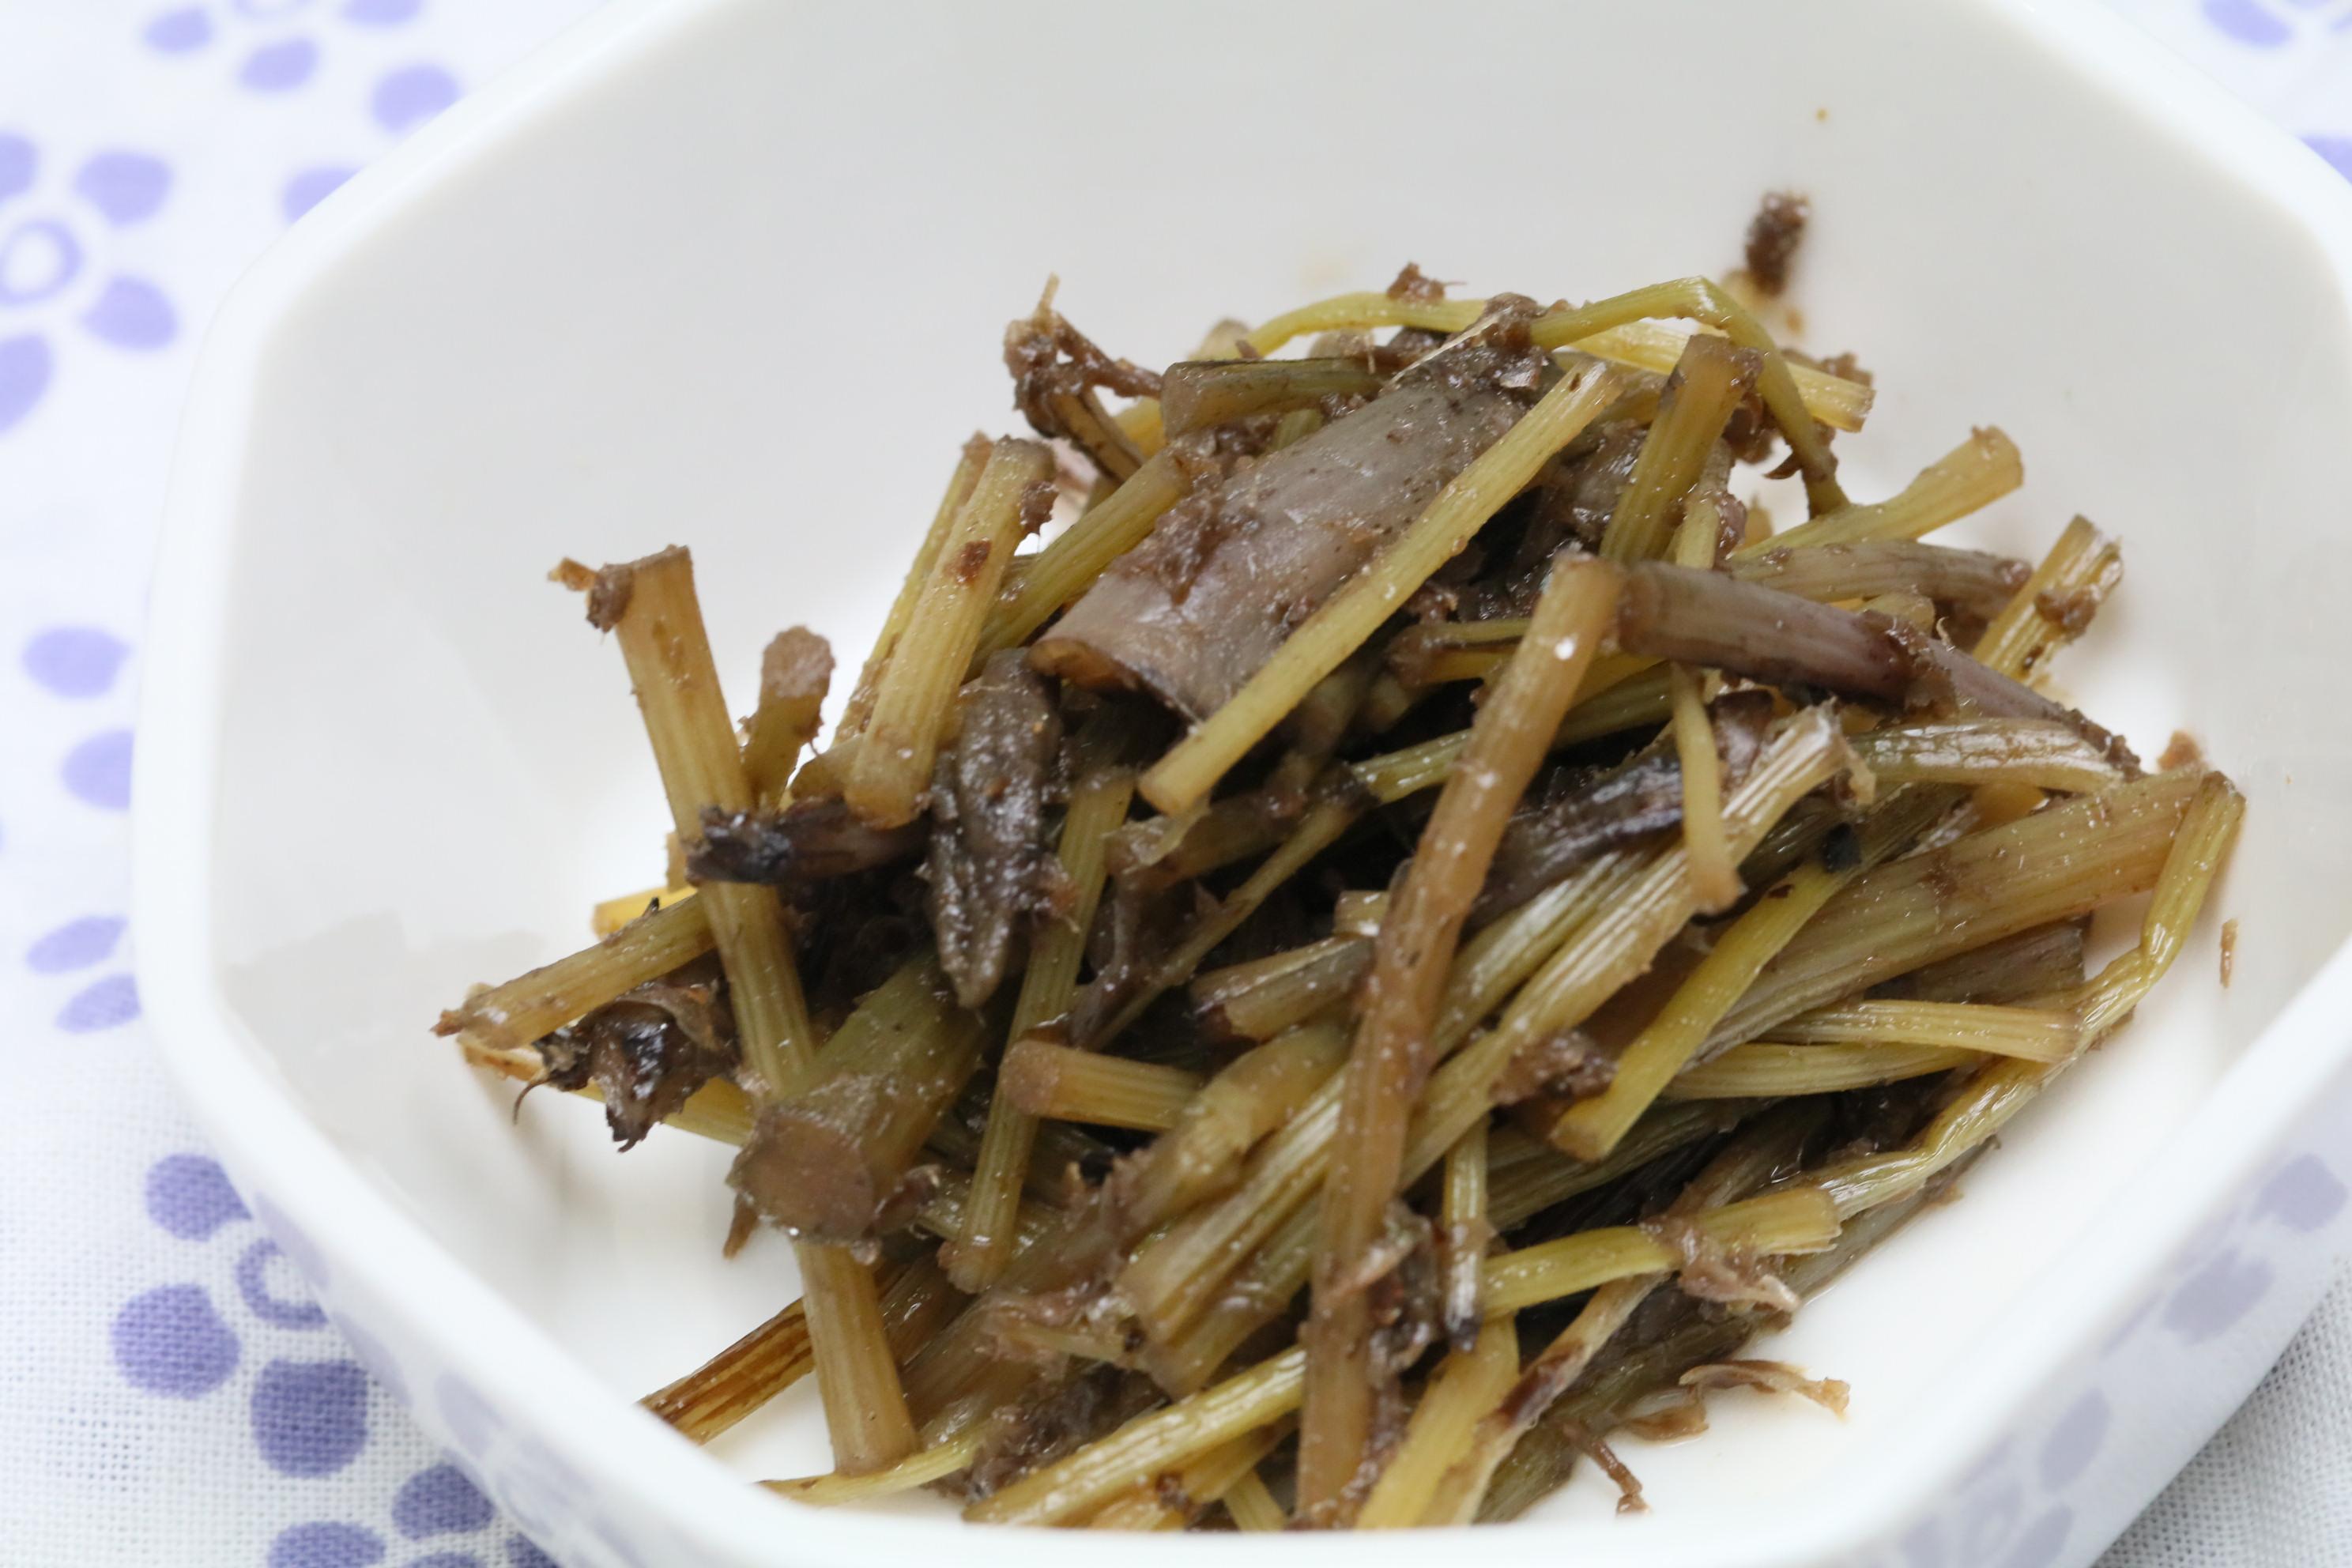 【食べやすい少量パック】山蕗の土佐煮 鰯節仕立て